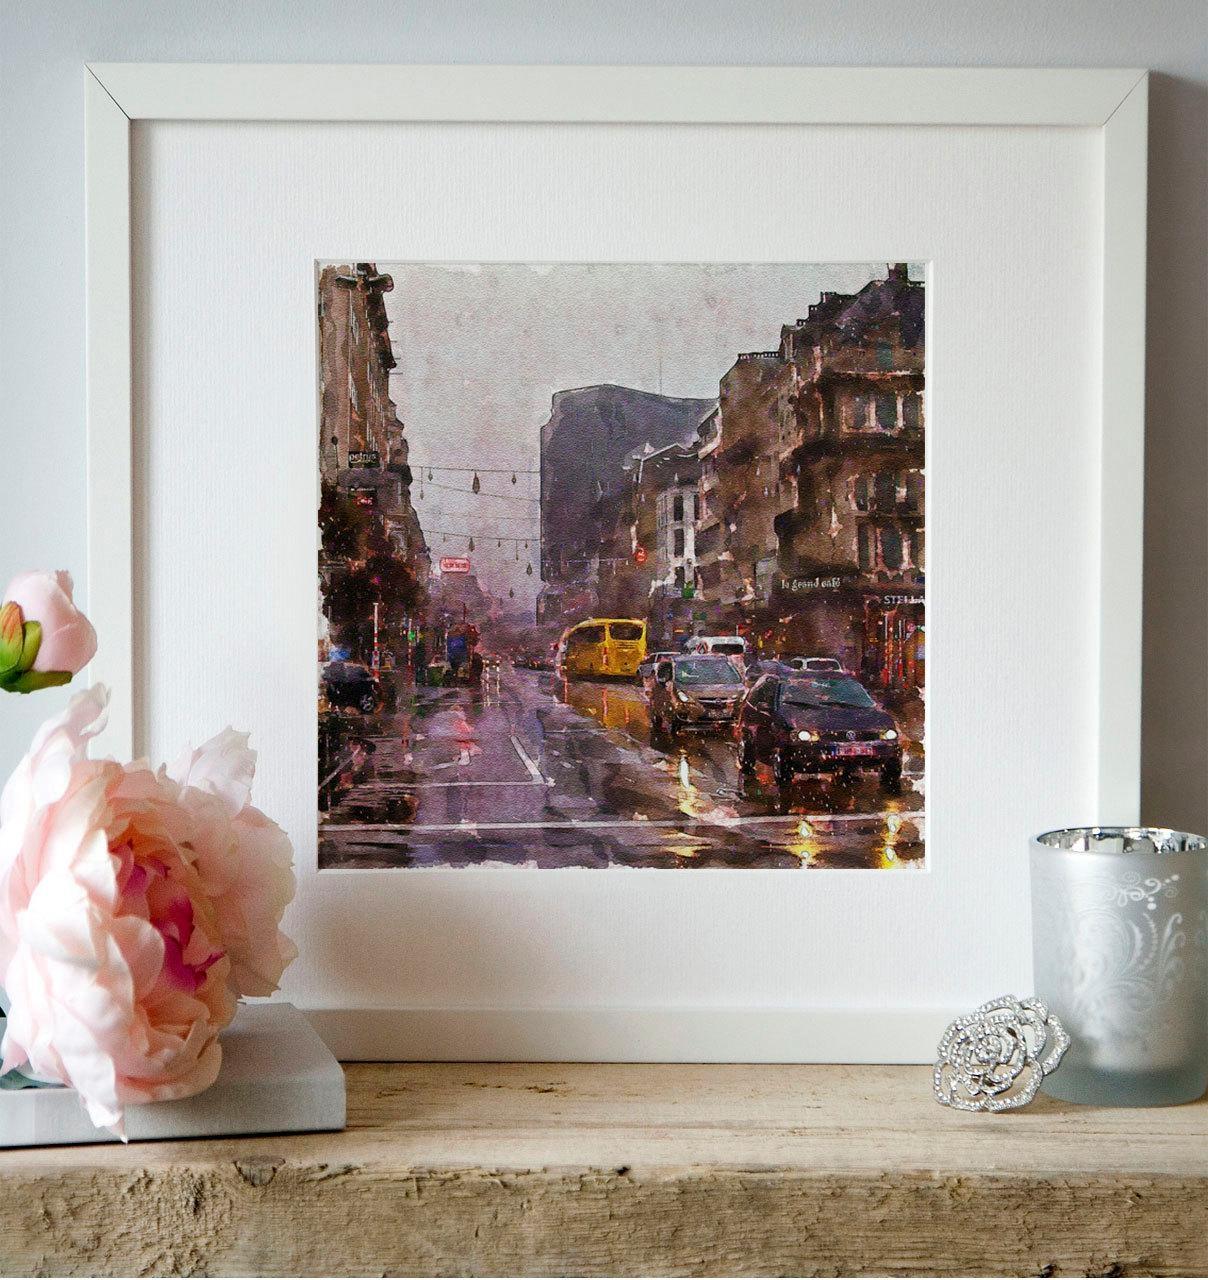 Car Traffic Rain Watercolor Painting Wall Art Aquarelle Paris With Parisian Wall Art (Image 5 of 20)